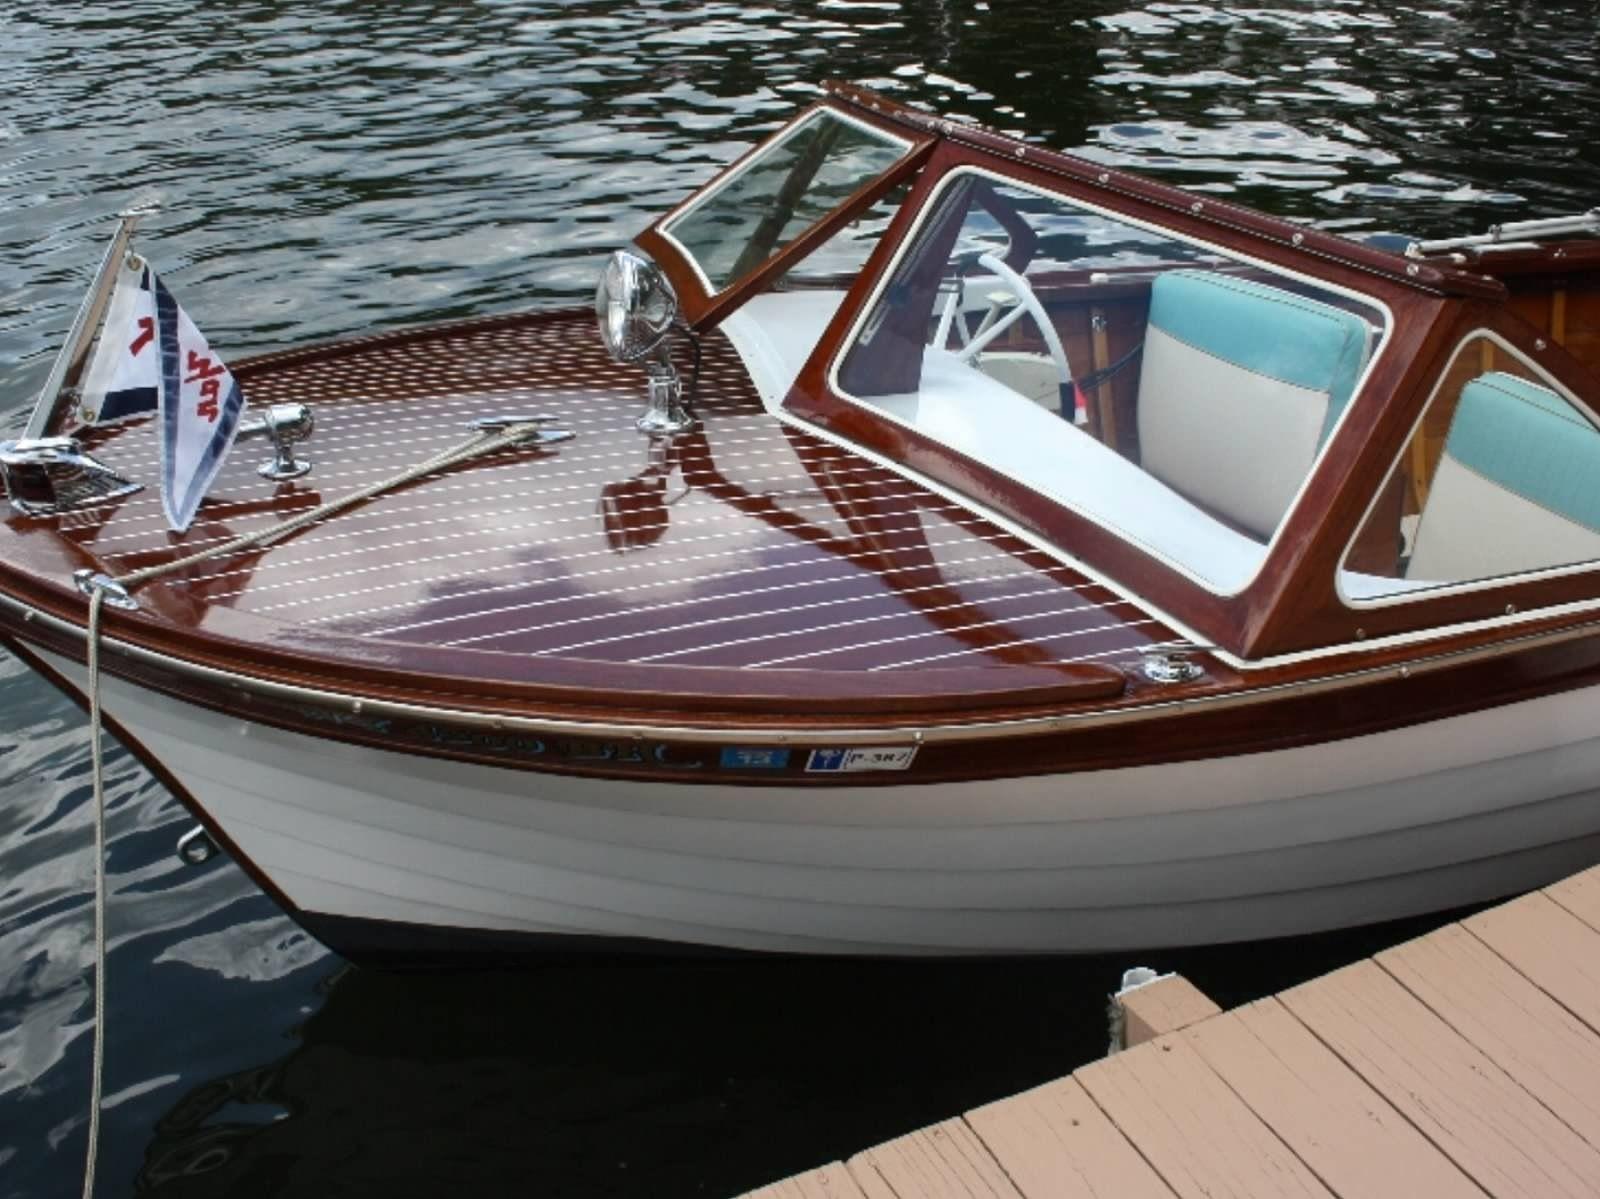 Vintage fiber classic boats